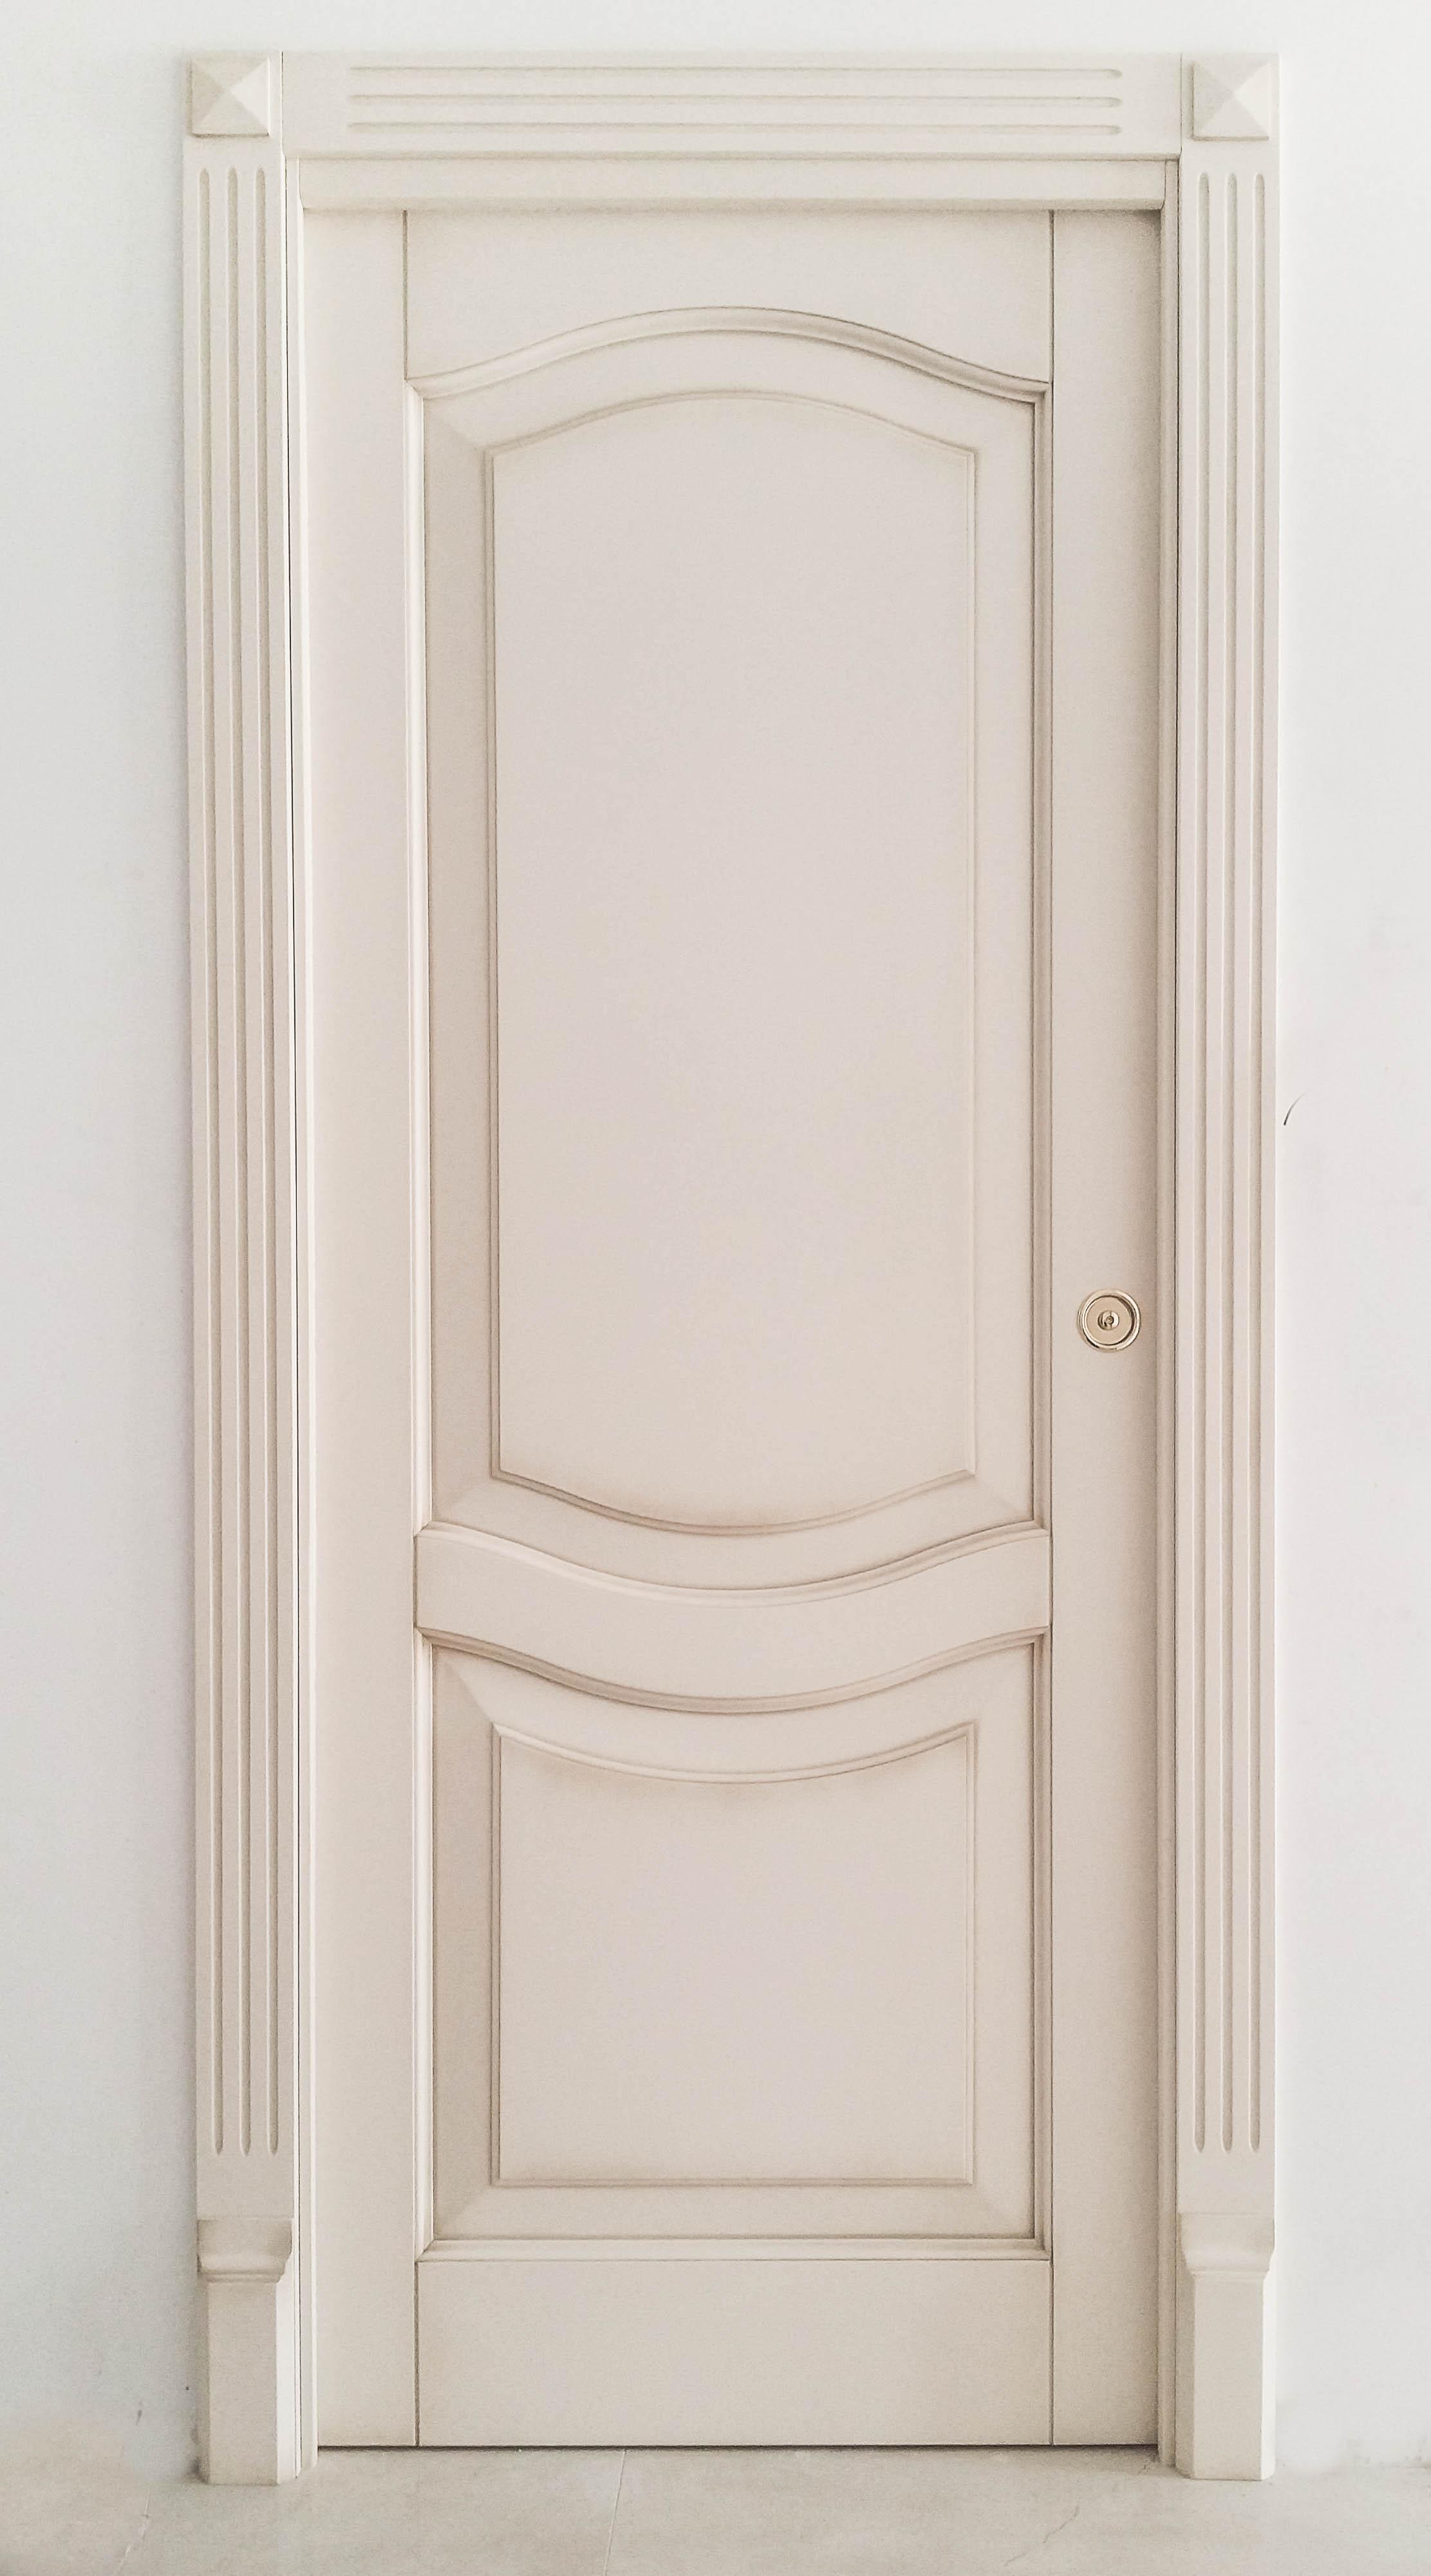 Decori Per Porte Interne In Legno - Modelos De Casas - Justrigs.com